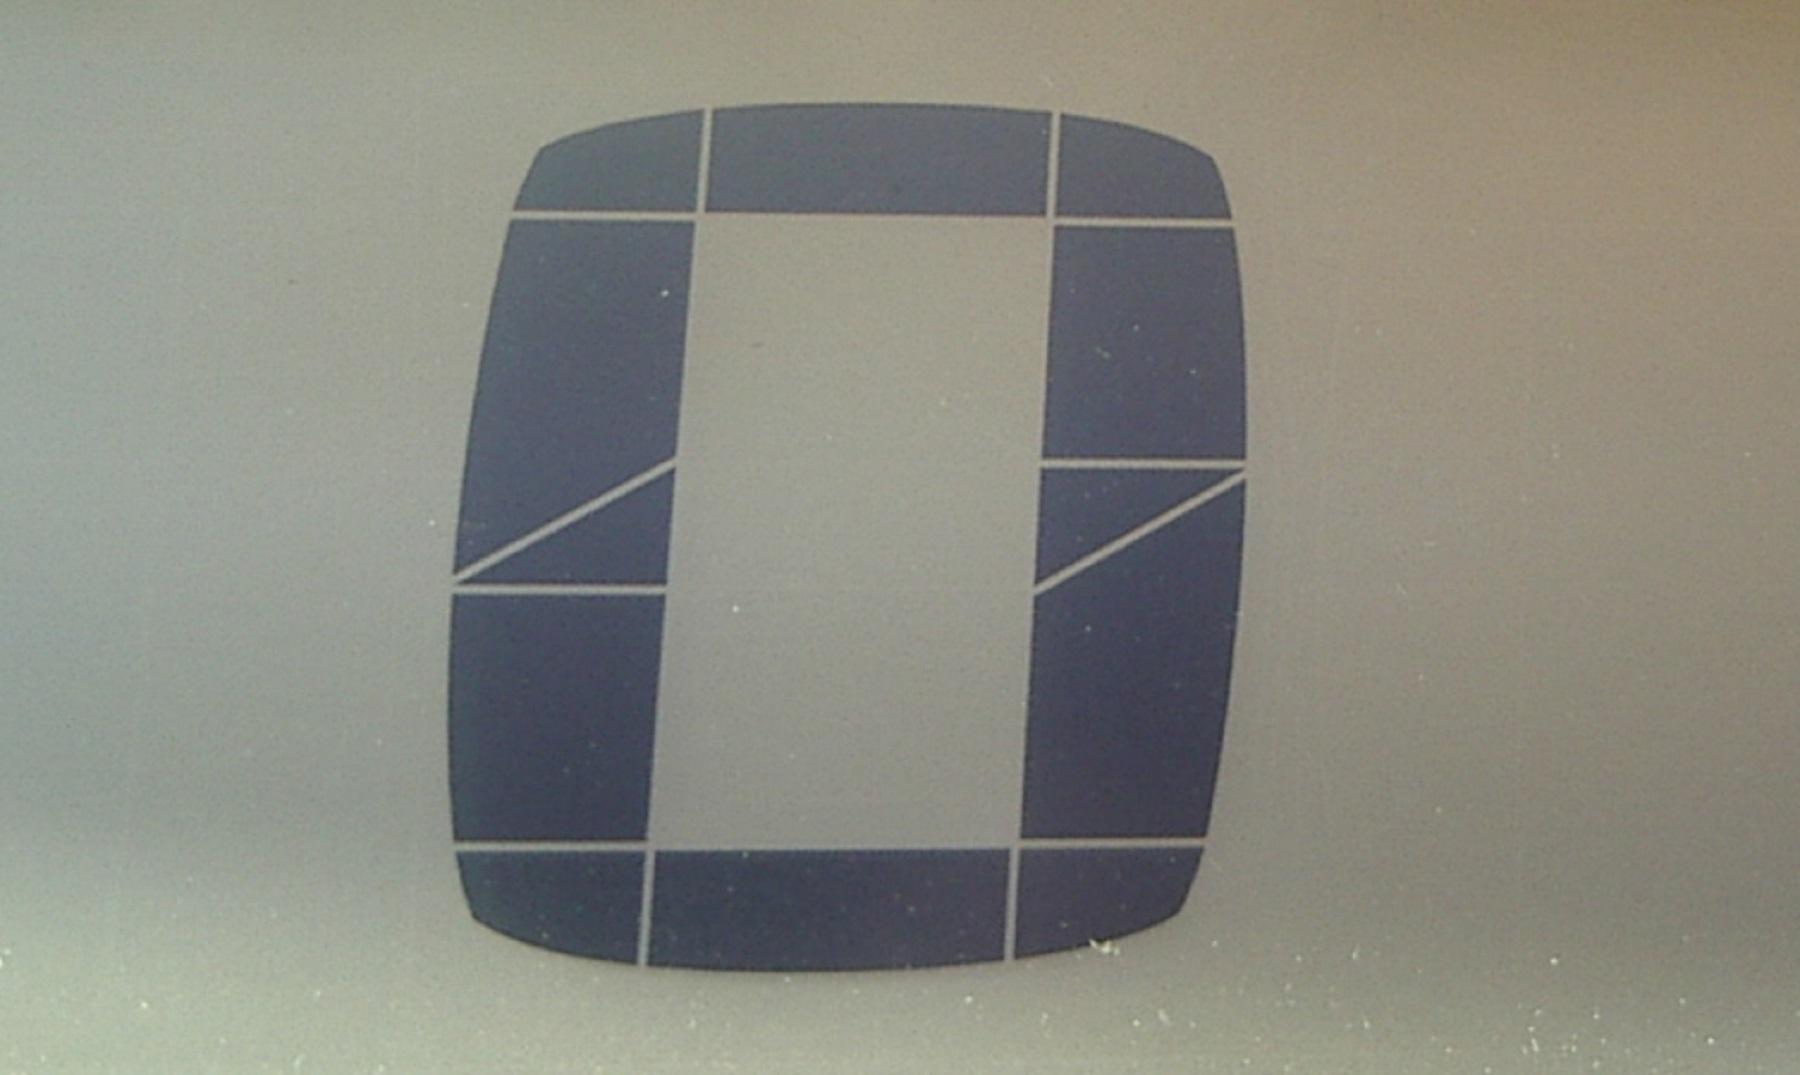 El origen del número 0 - Descúbrelo en Supercurioso.com